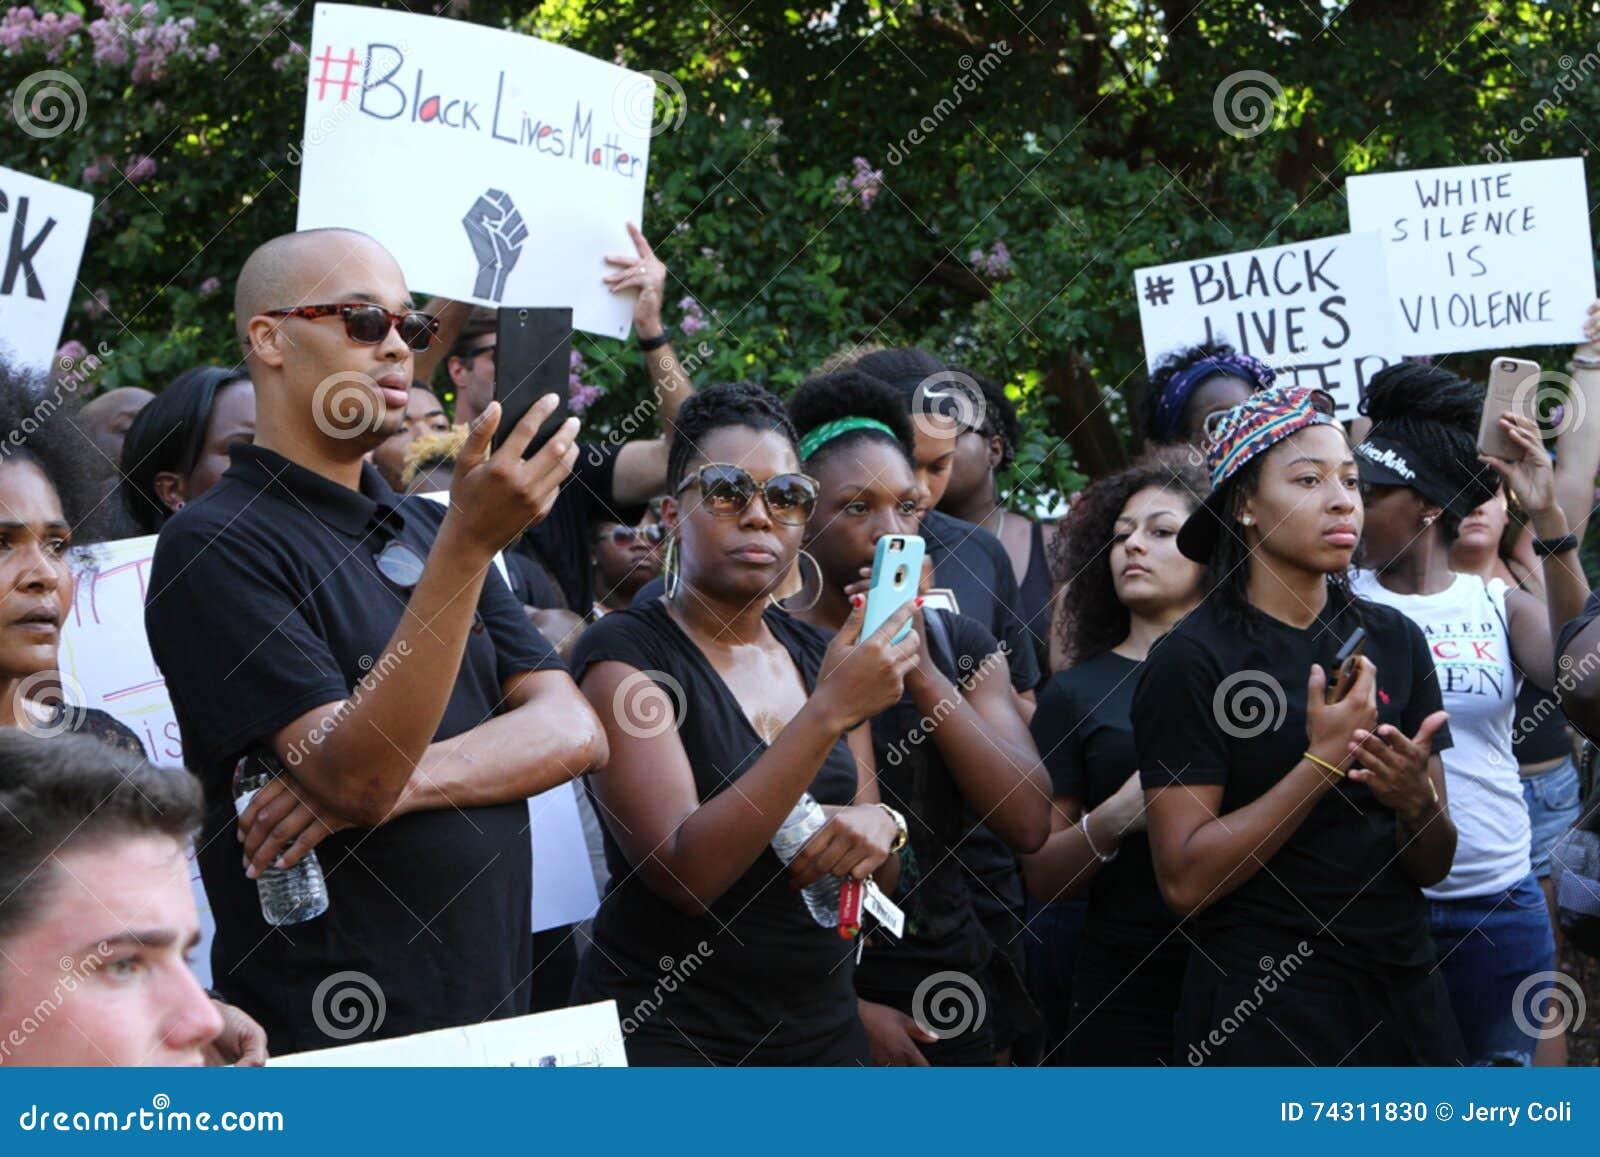 Crowd at Black Lives Matter protest.